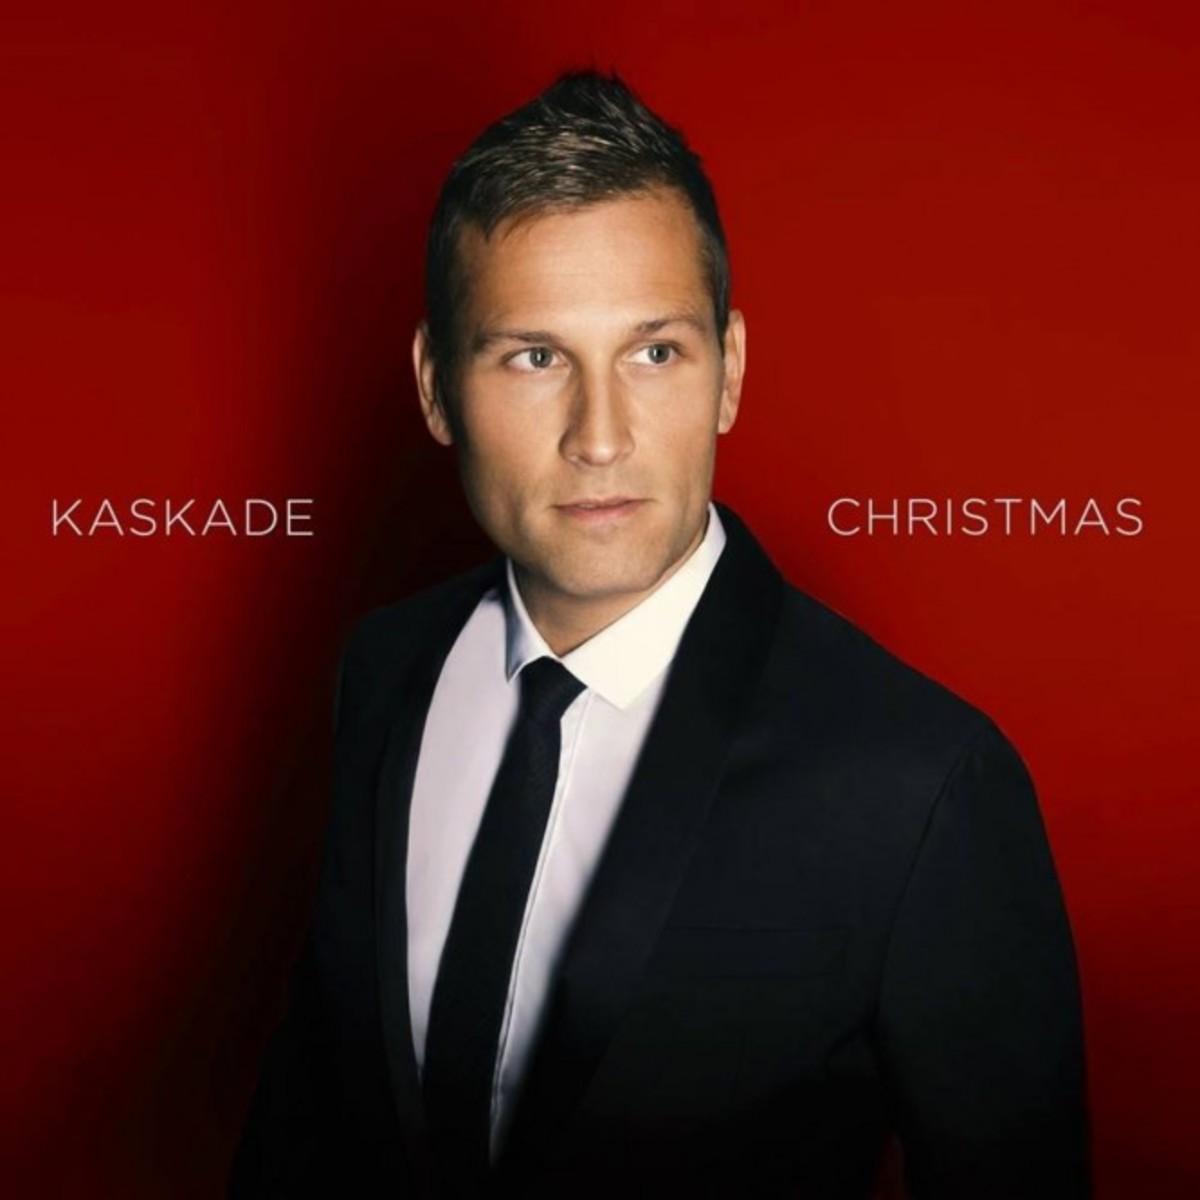 Kaskade Christmas 2020 Kaskade Christmas' is the First Christmas Album You'll Want to